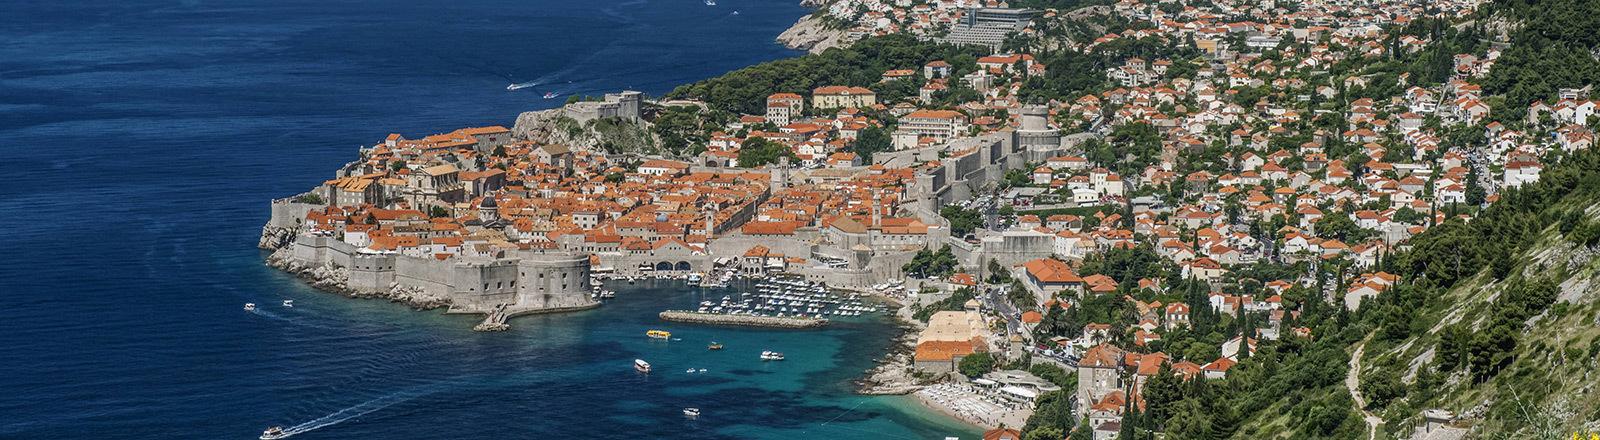 Die Alstadt von Dubrovnik